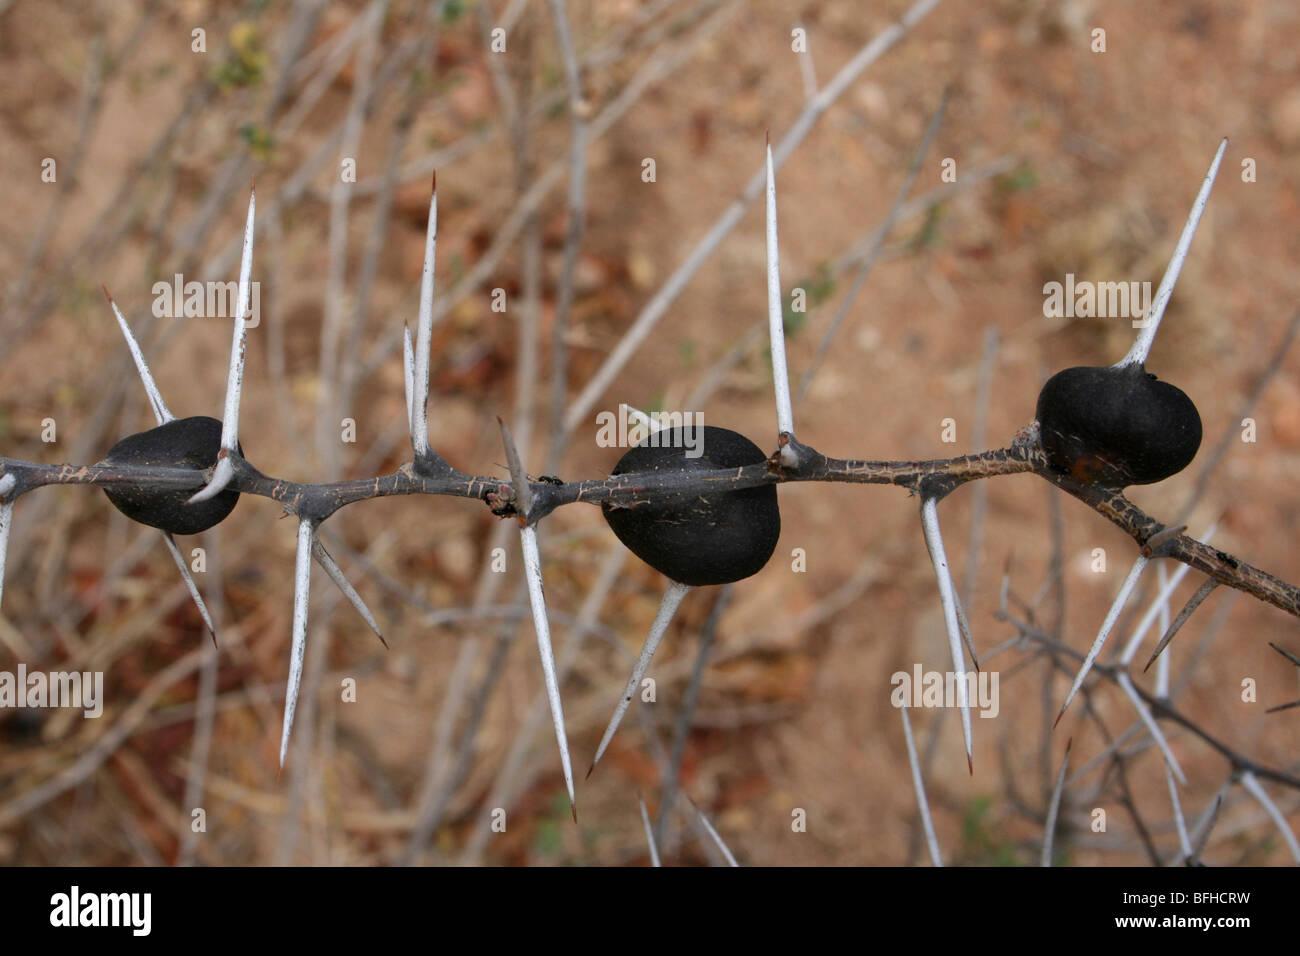 Swollen Bulbous Thorns Of The Whistling Thorn Acacia drepanolobium Taken Near Yaeda Cheni, Tanzania - Stock Image